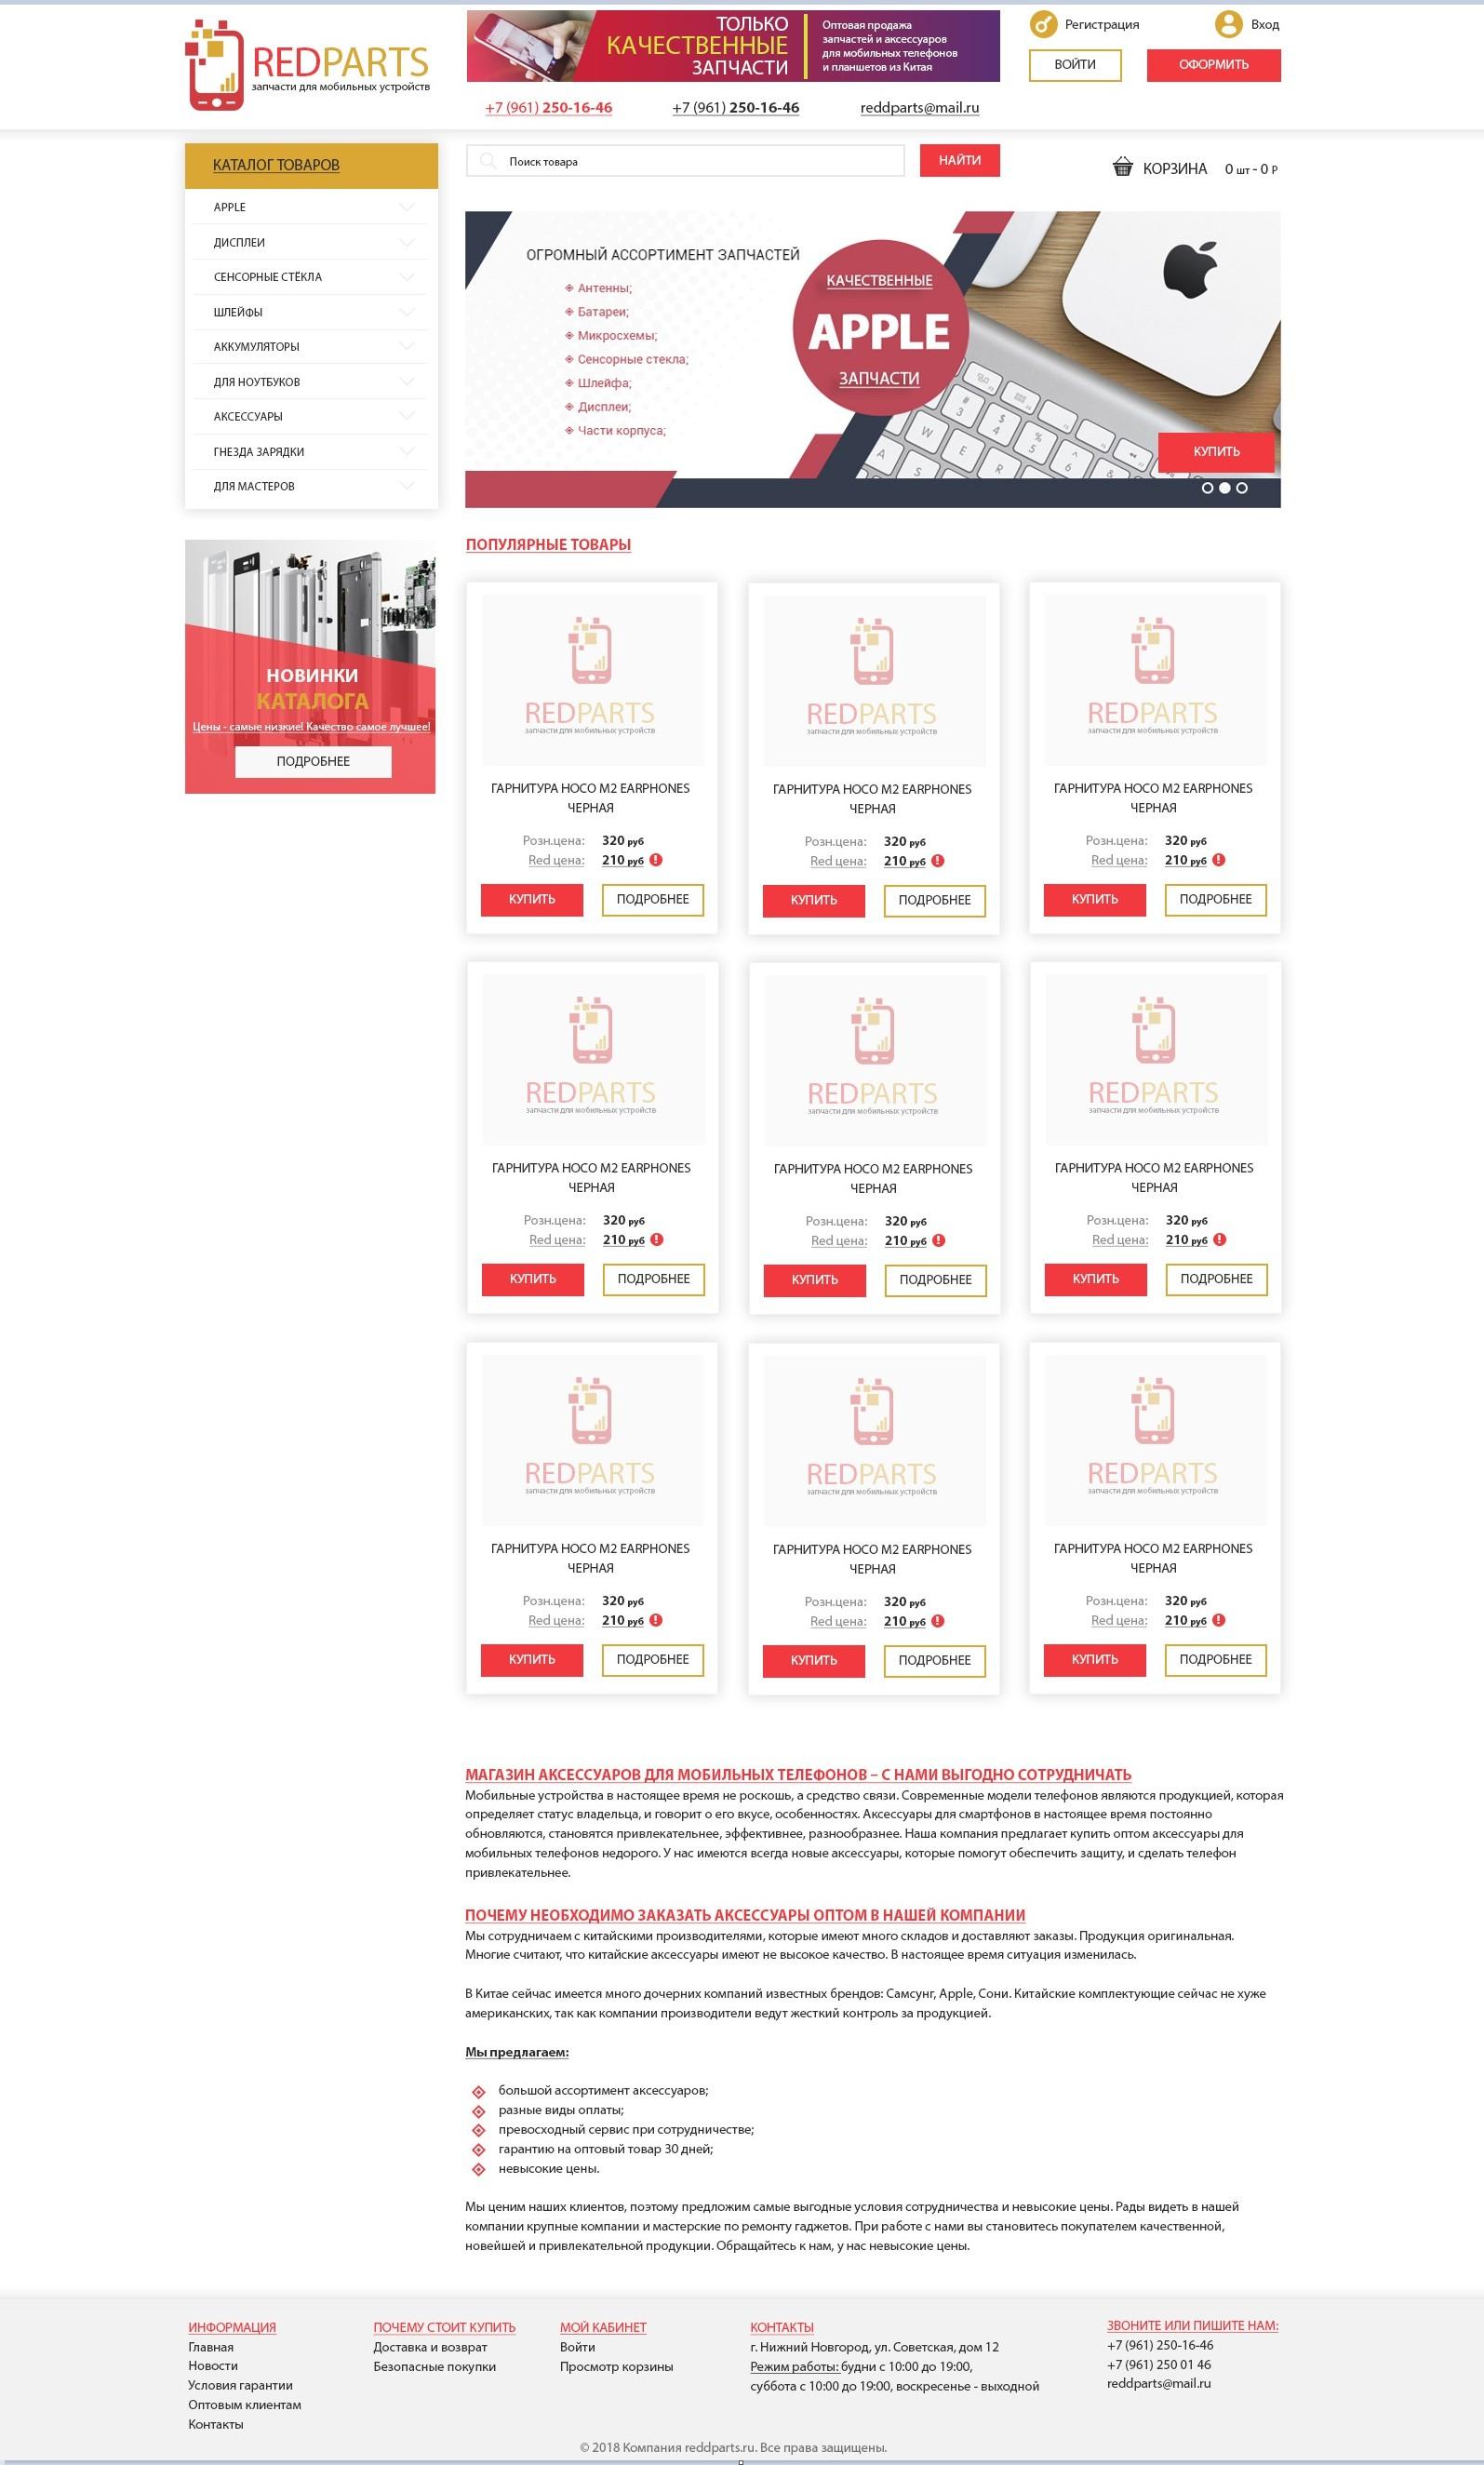 Продажа запчастей для мобильных устройств